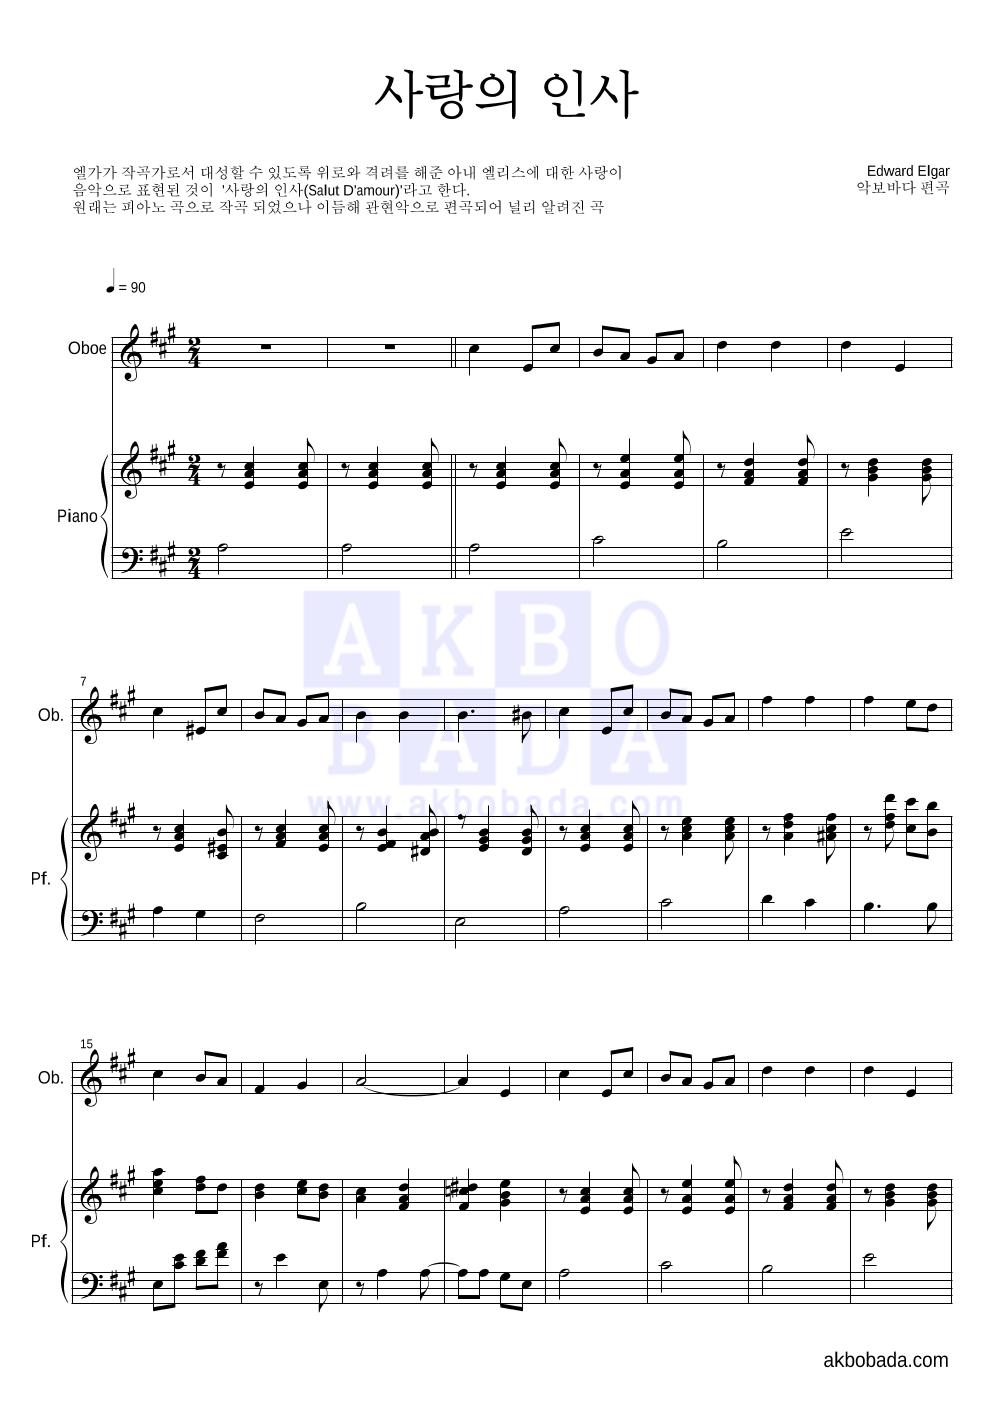 엘가 - 사랑의 인사 오보에&피아노 악보